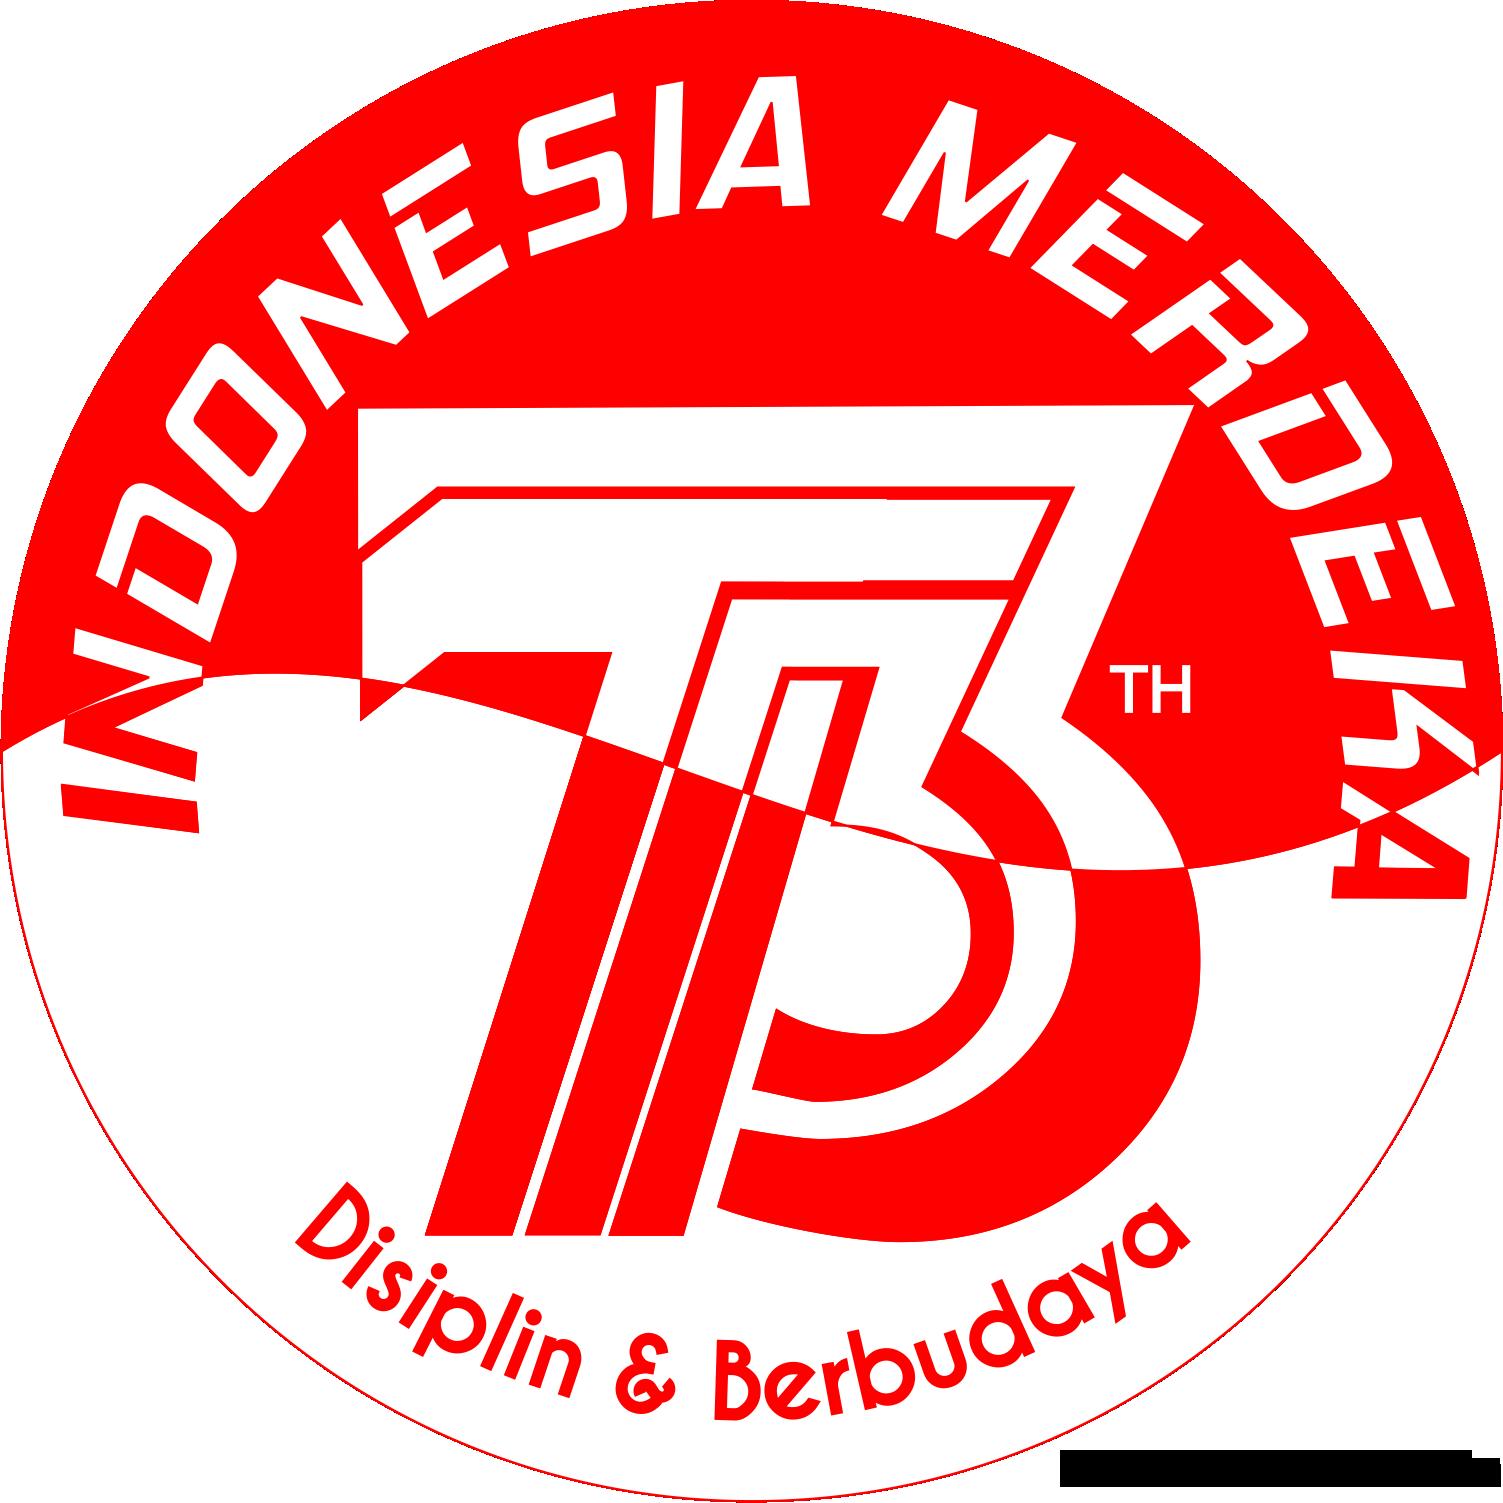 73 th Indonesia Indonesia, Desain logo, Hari kemerdekaan